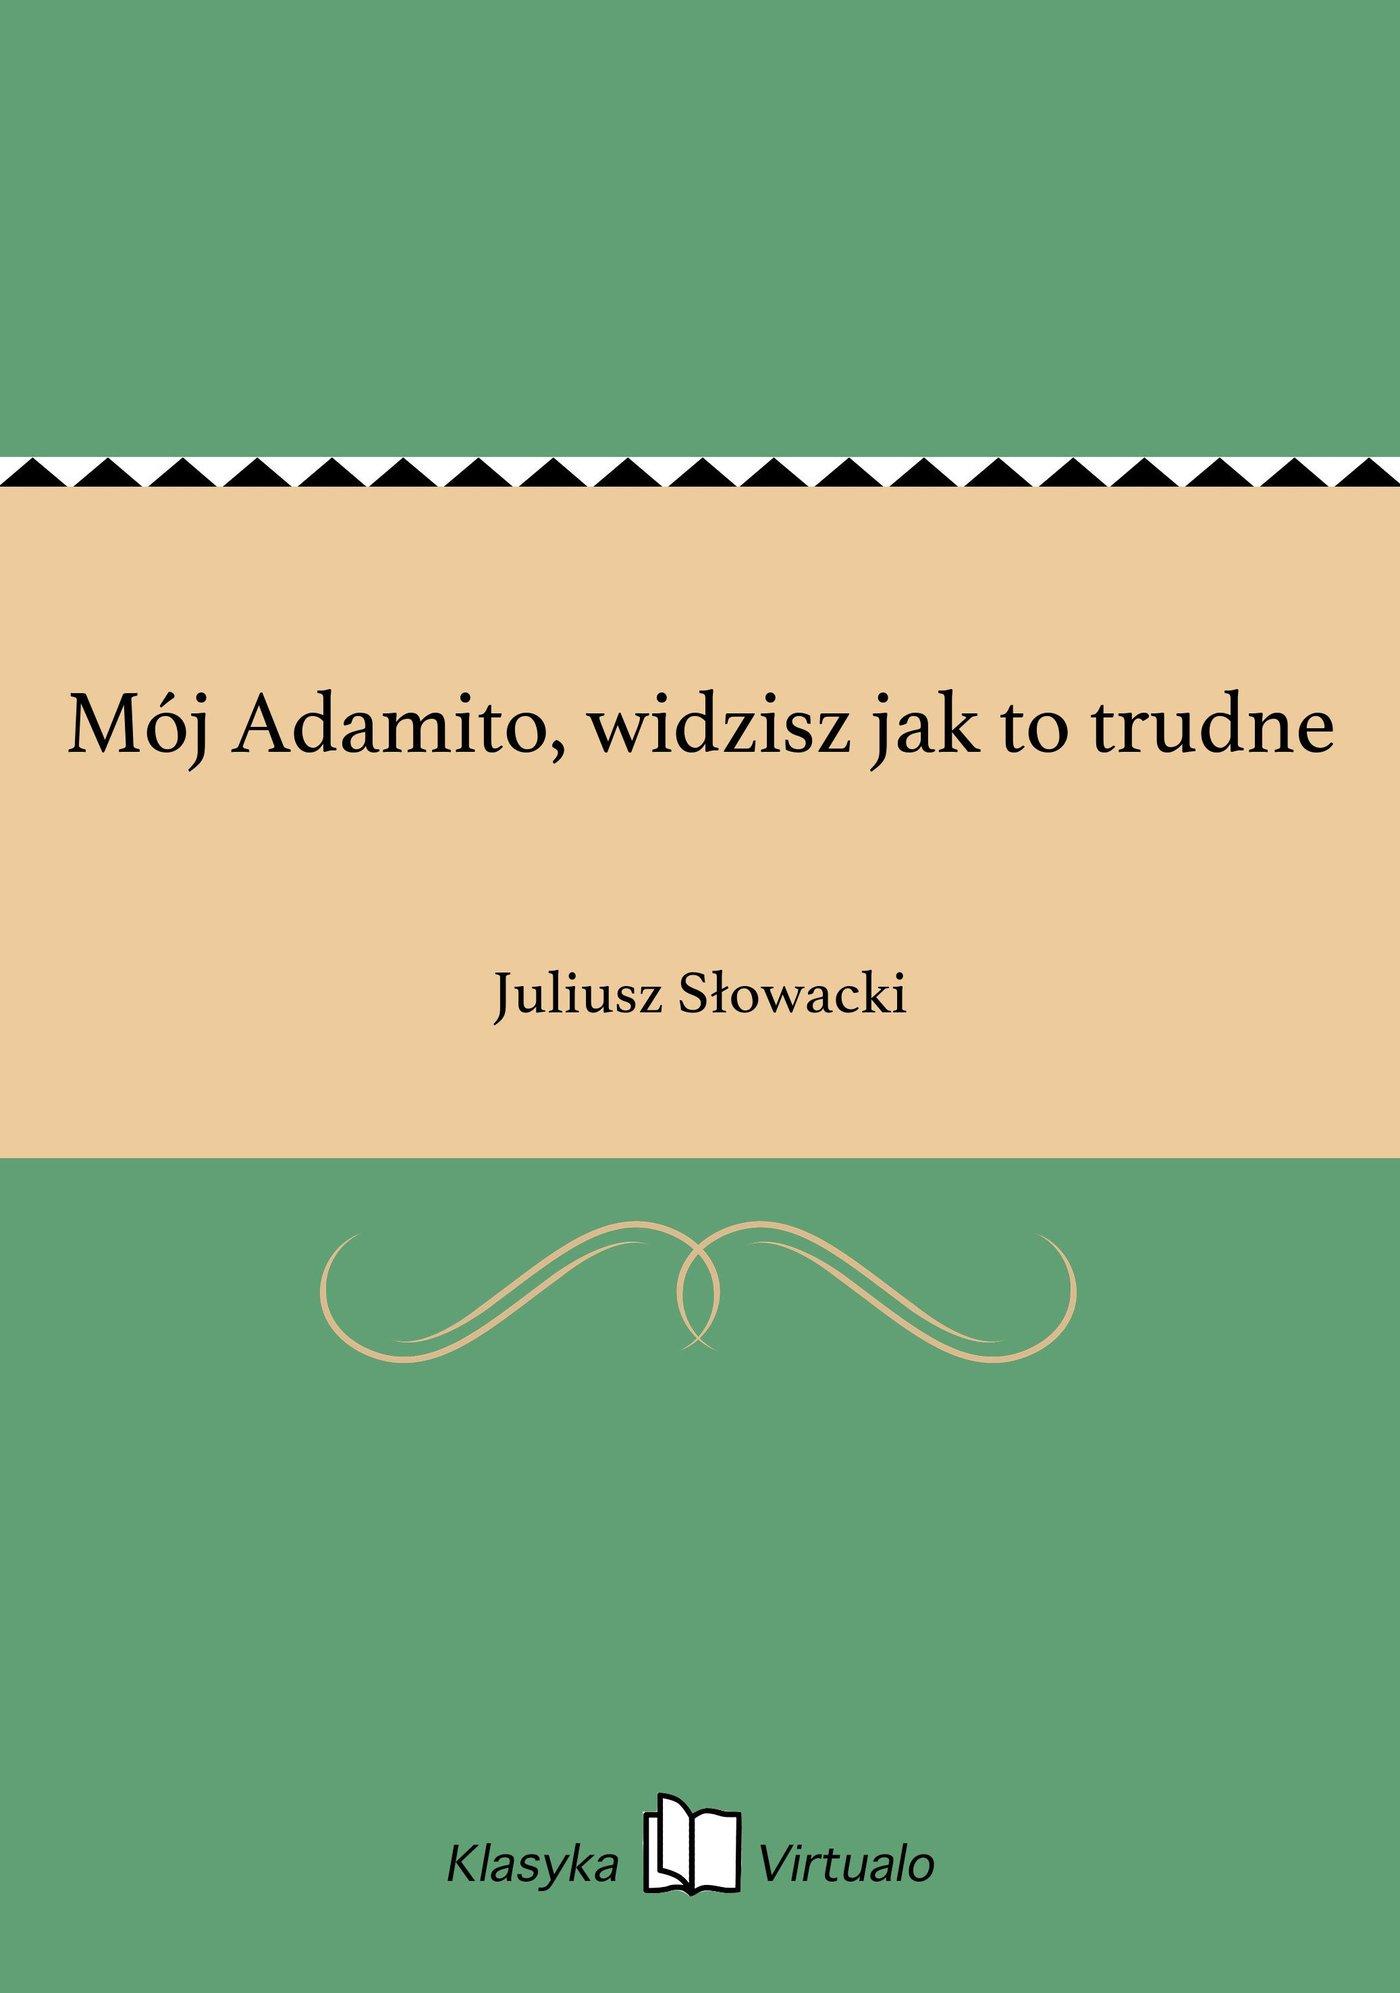 Mój Adamito, widzisz jak to trudne - Ebook (Książka na Kindle) do pobrania w formacie MOBI